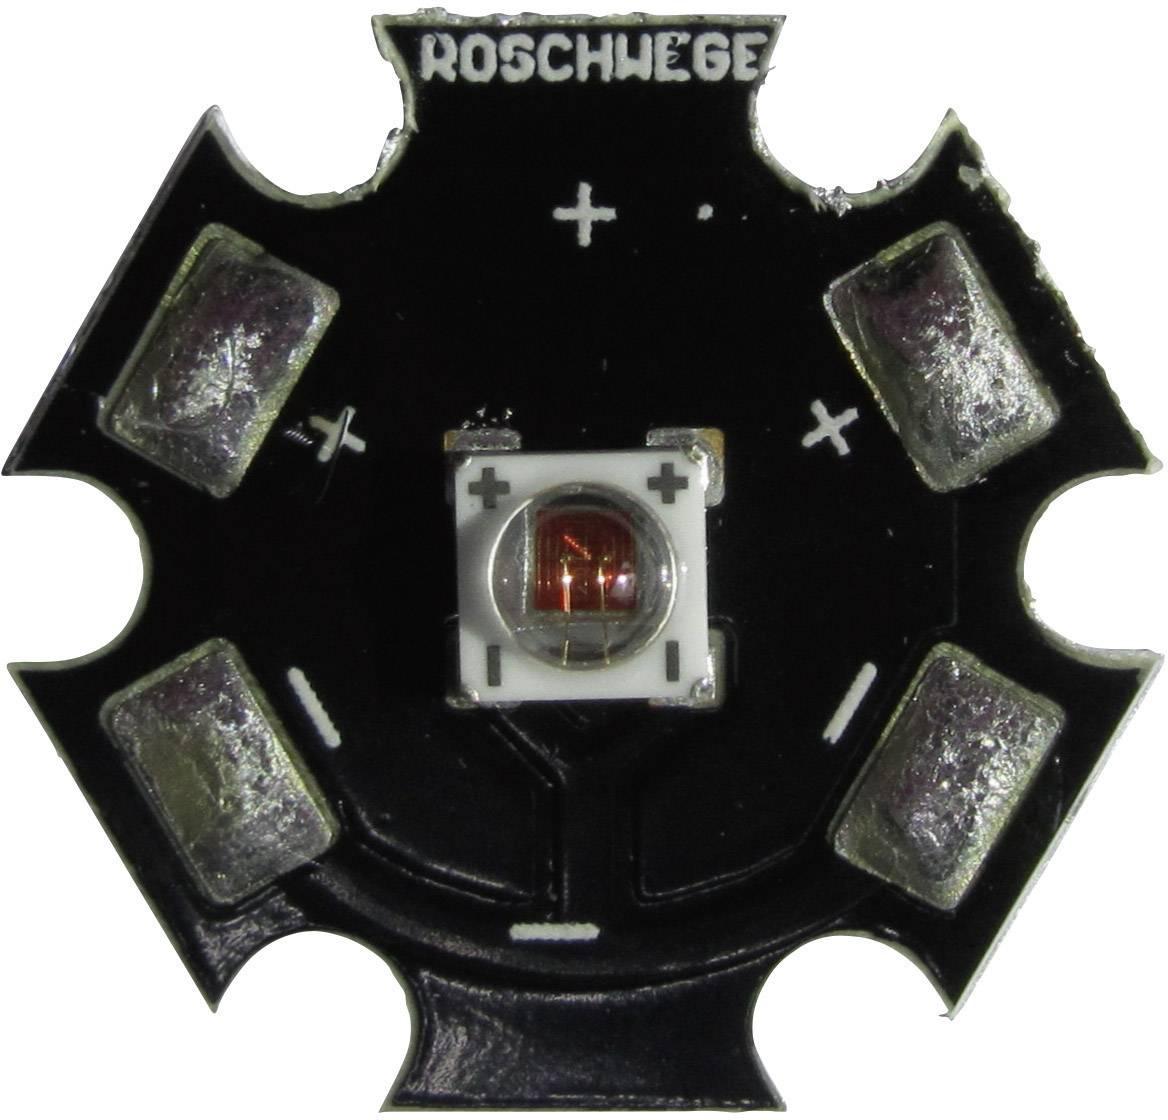 HighPower LED, Star-FR740-05-00-00, 1500 mA, 2,4 V, třešňově červená